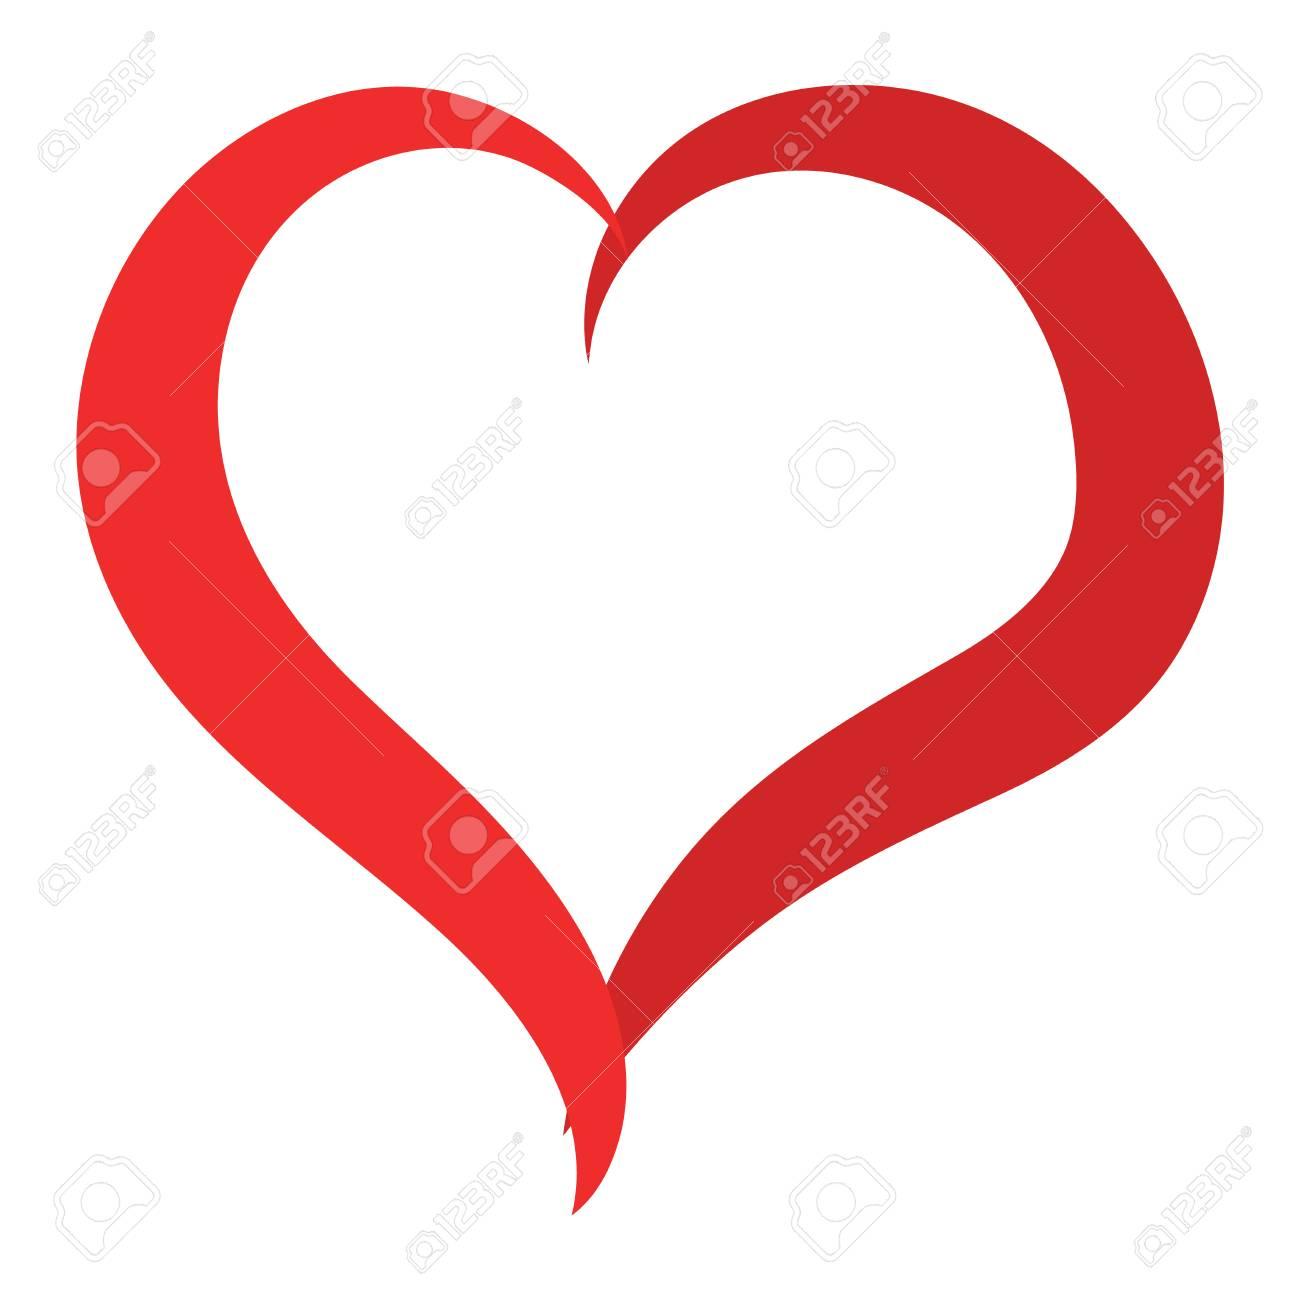 Einfache Rote Herz Scharf Vektor Symbol Farbkarte Schön Feiern Hell Emoticon Rotes Herz Symbol Red Heart Urlaub Abstrakte Kunst Symbol Dekoration Romantik Form Design Liebe Amour Herz Symbol Lizenzfrei Nutzbare Vektorgrafiken Clip Arts